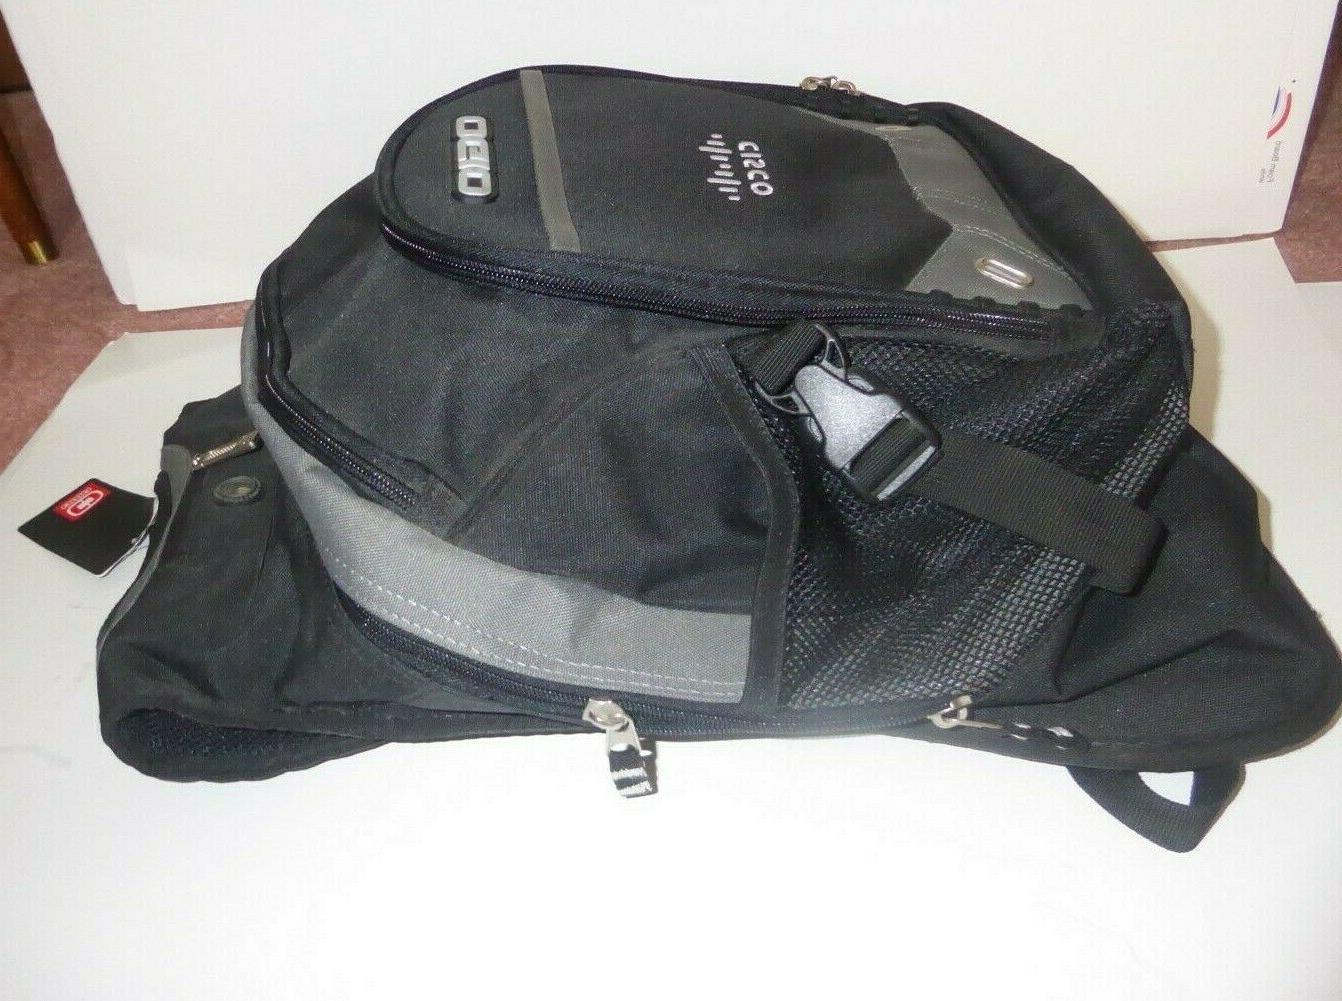 Ogio Backpack - Fugitive Black for Cisco